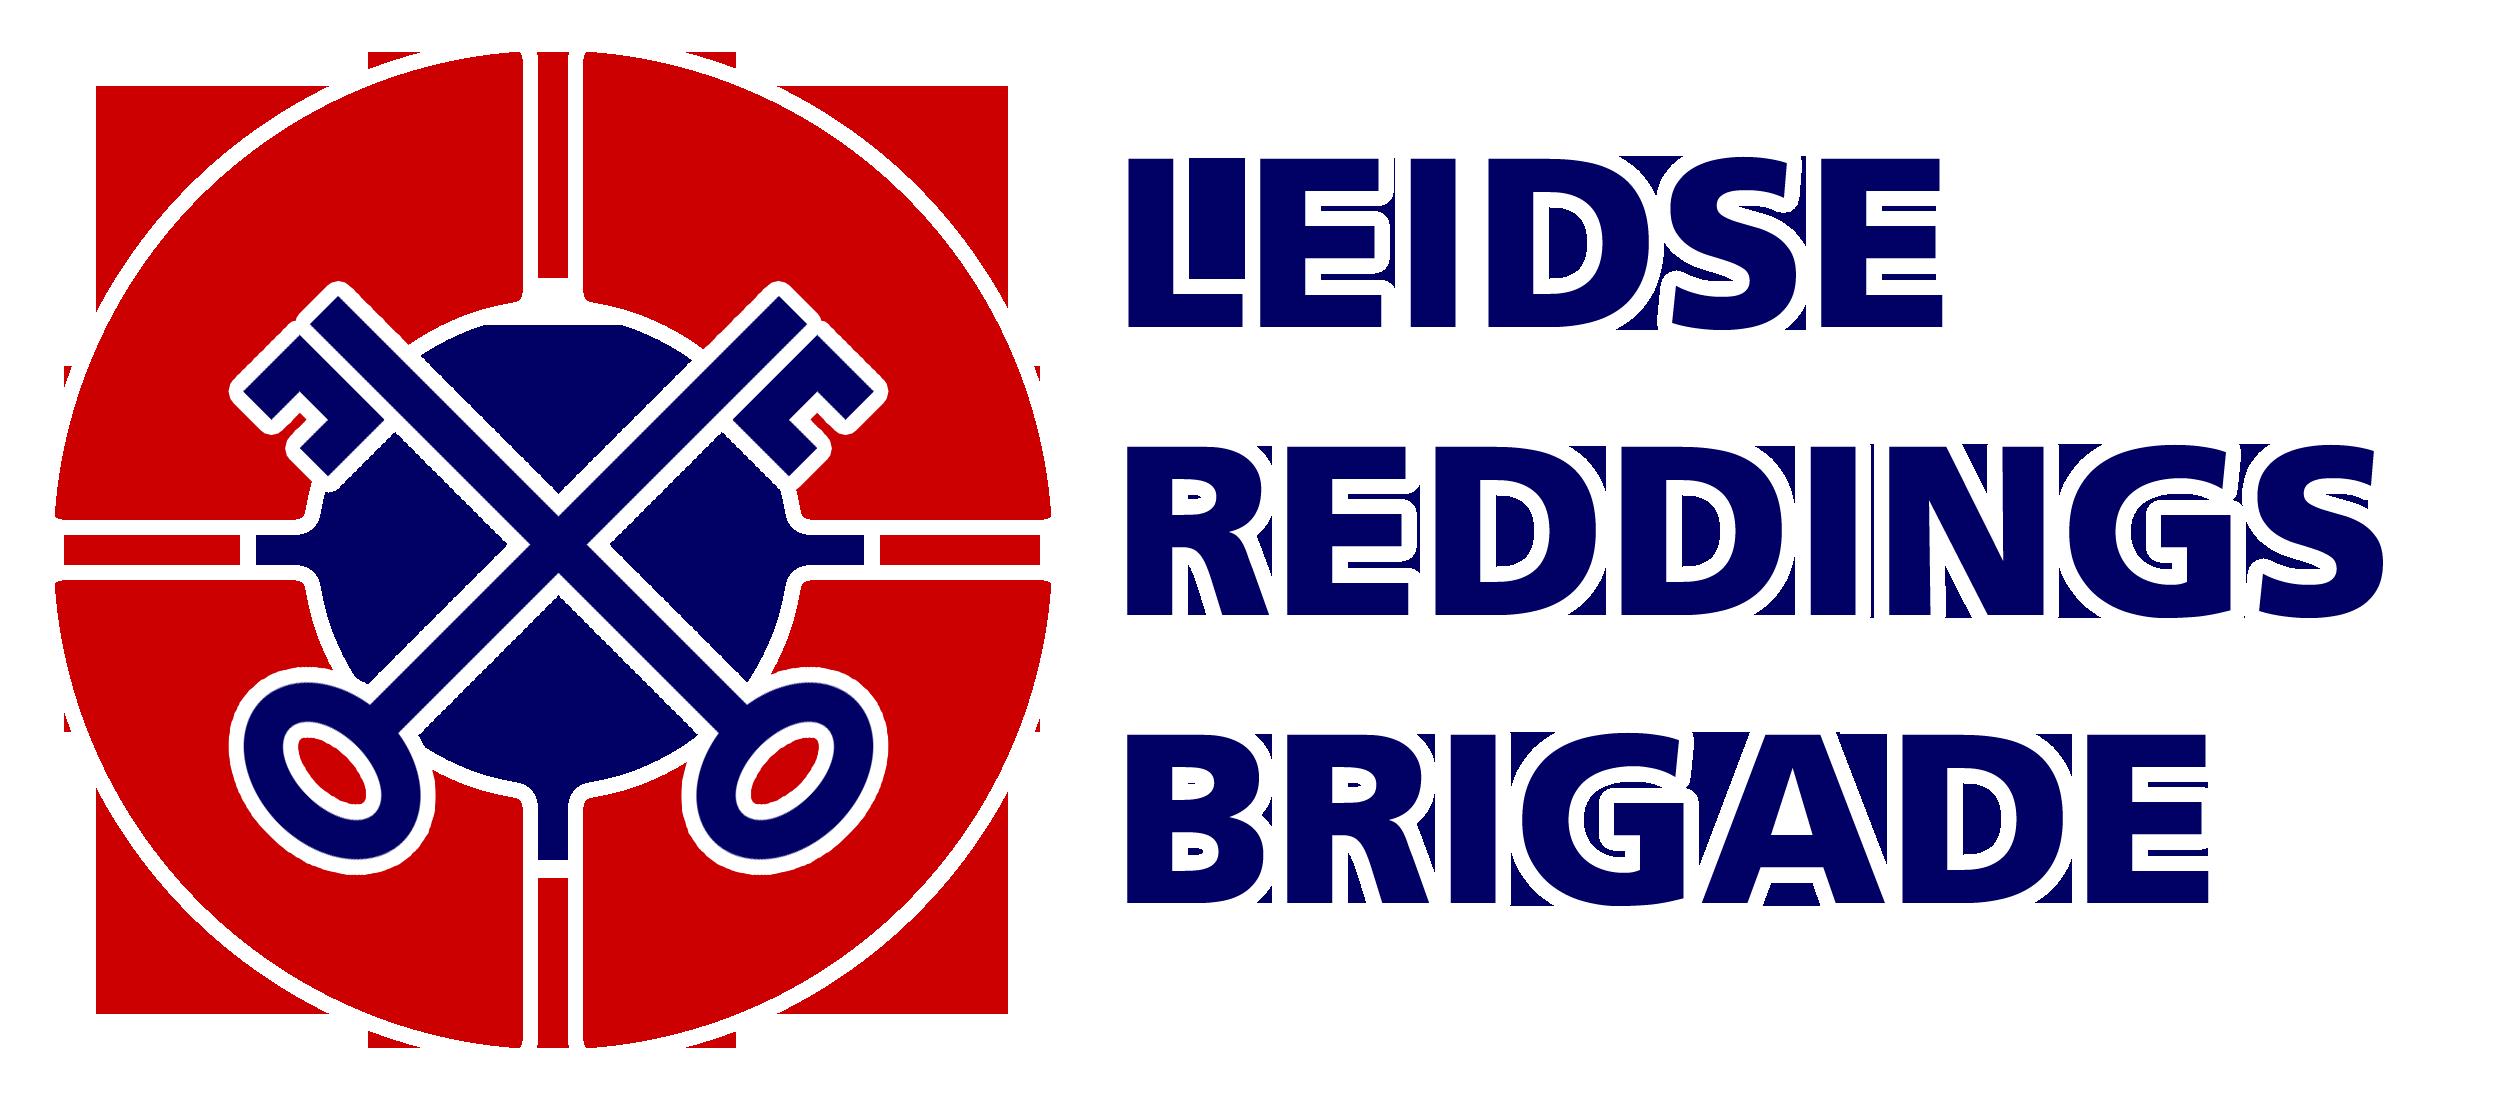 Leidse Reddingsbrigade